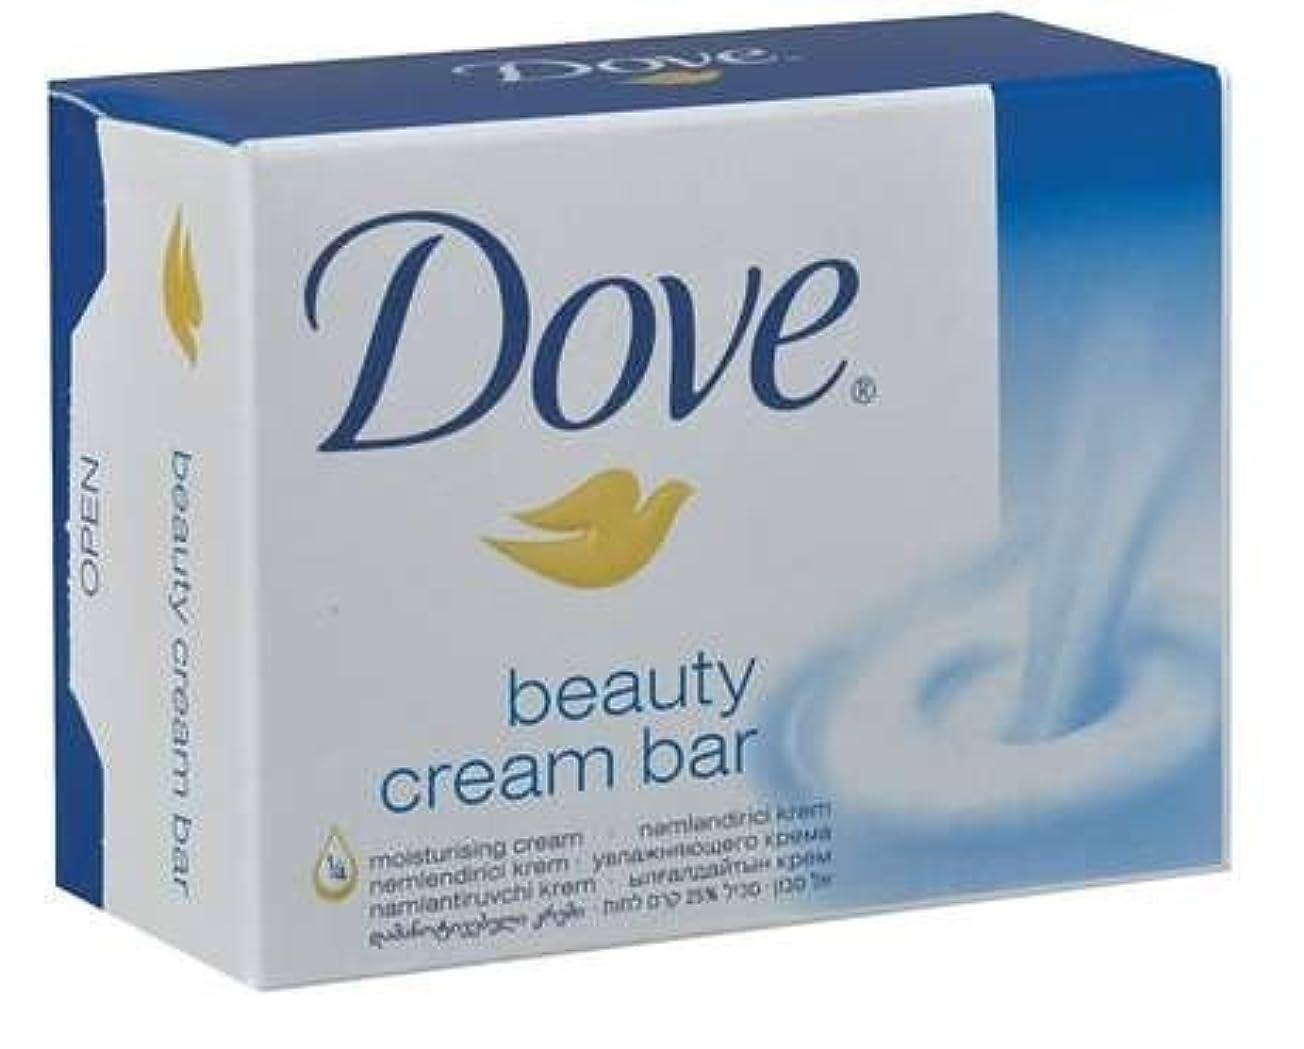 コミュニケーション天ジャムDove Original Beauty Cream Bar White Soap 100 G / 3.5 Oz Bars (Pack of 12) by Dove [並行輸入品]